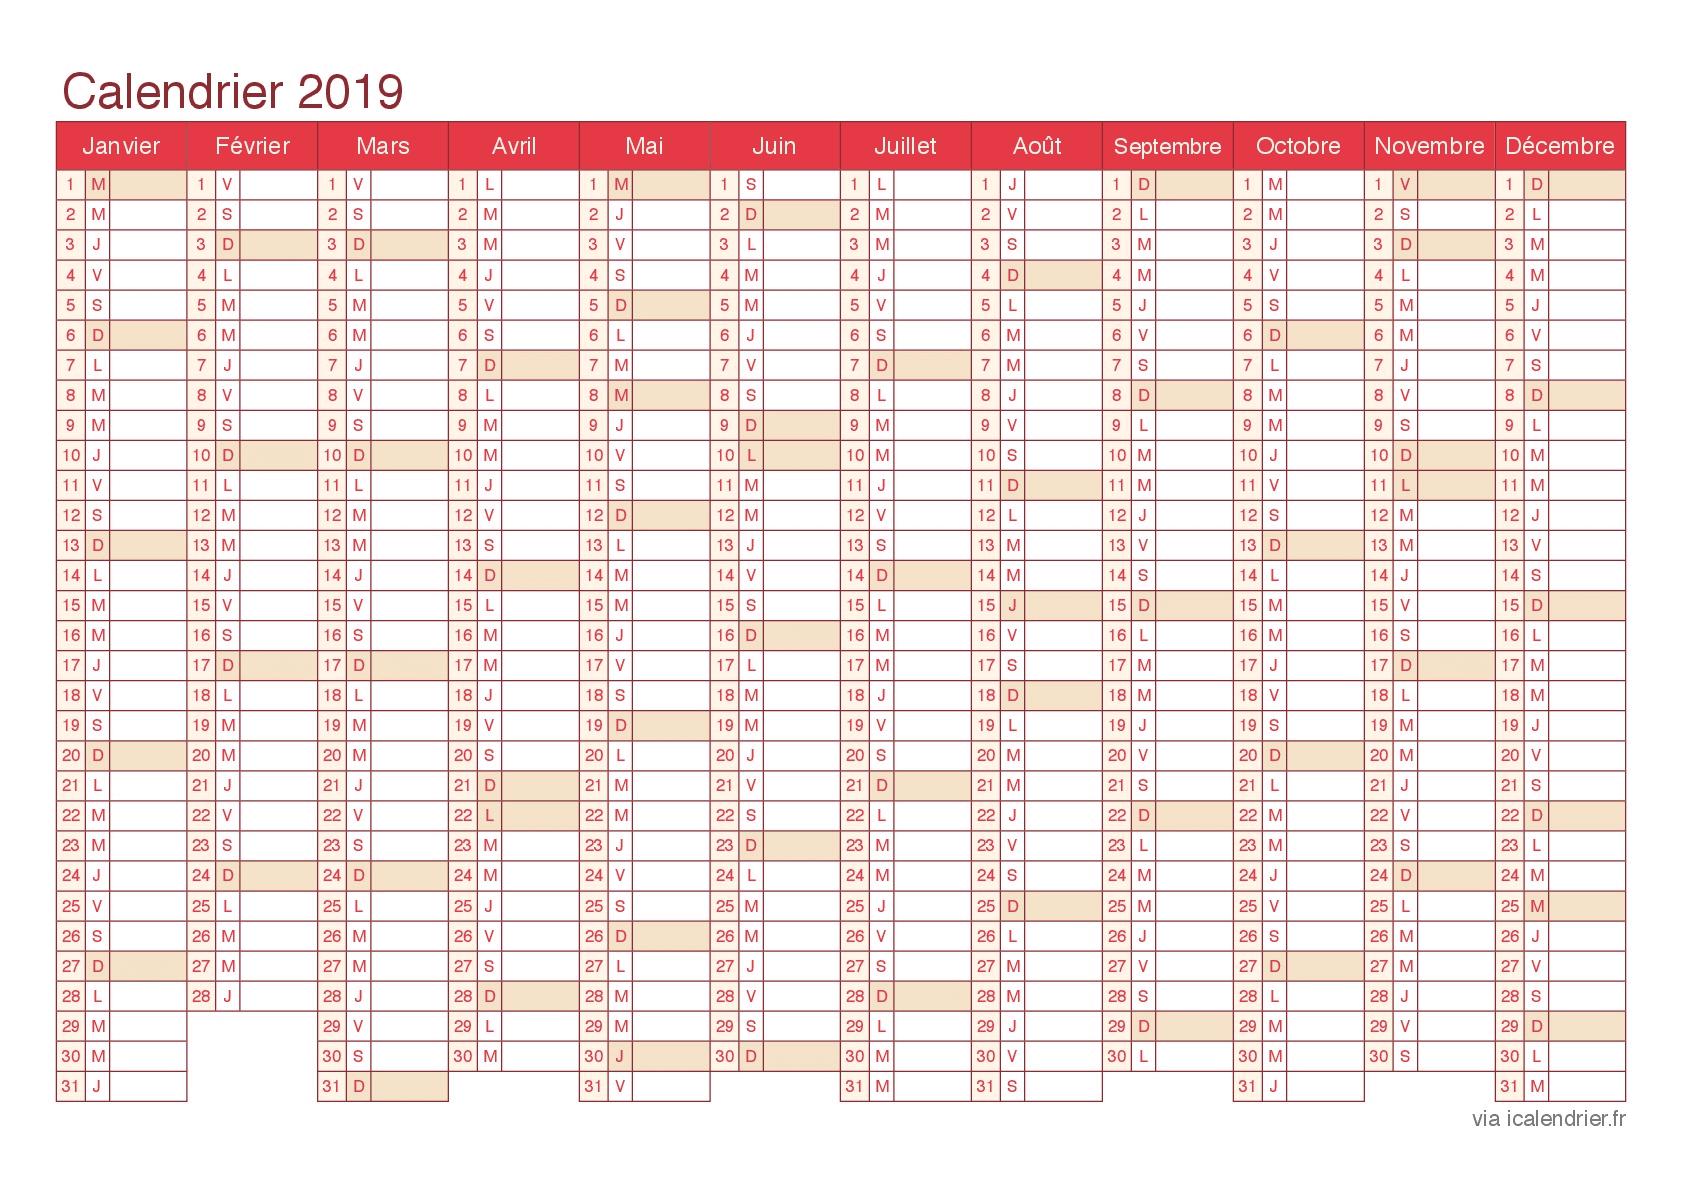 Calendrier Annuel Excel.Calendrier 2019 A Imprimer Gratuit Au Format Pdf